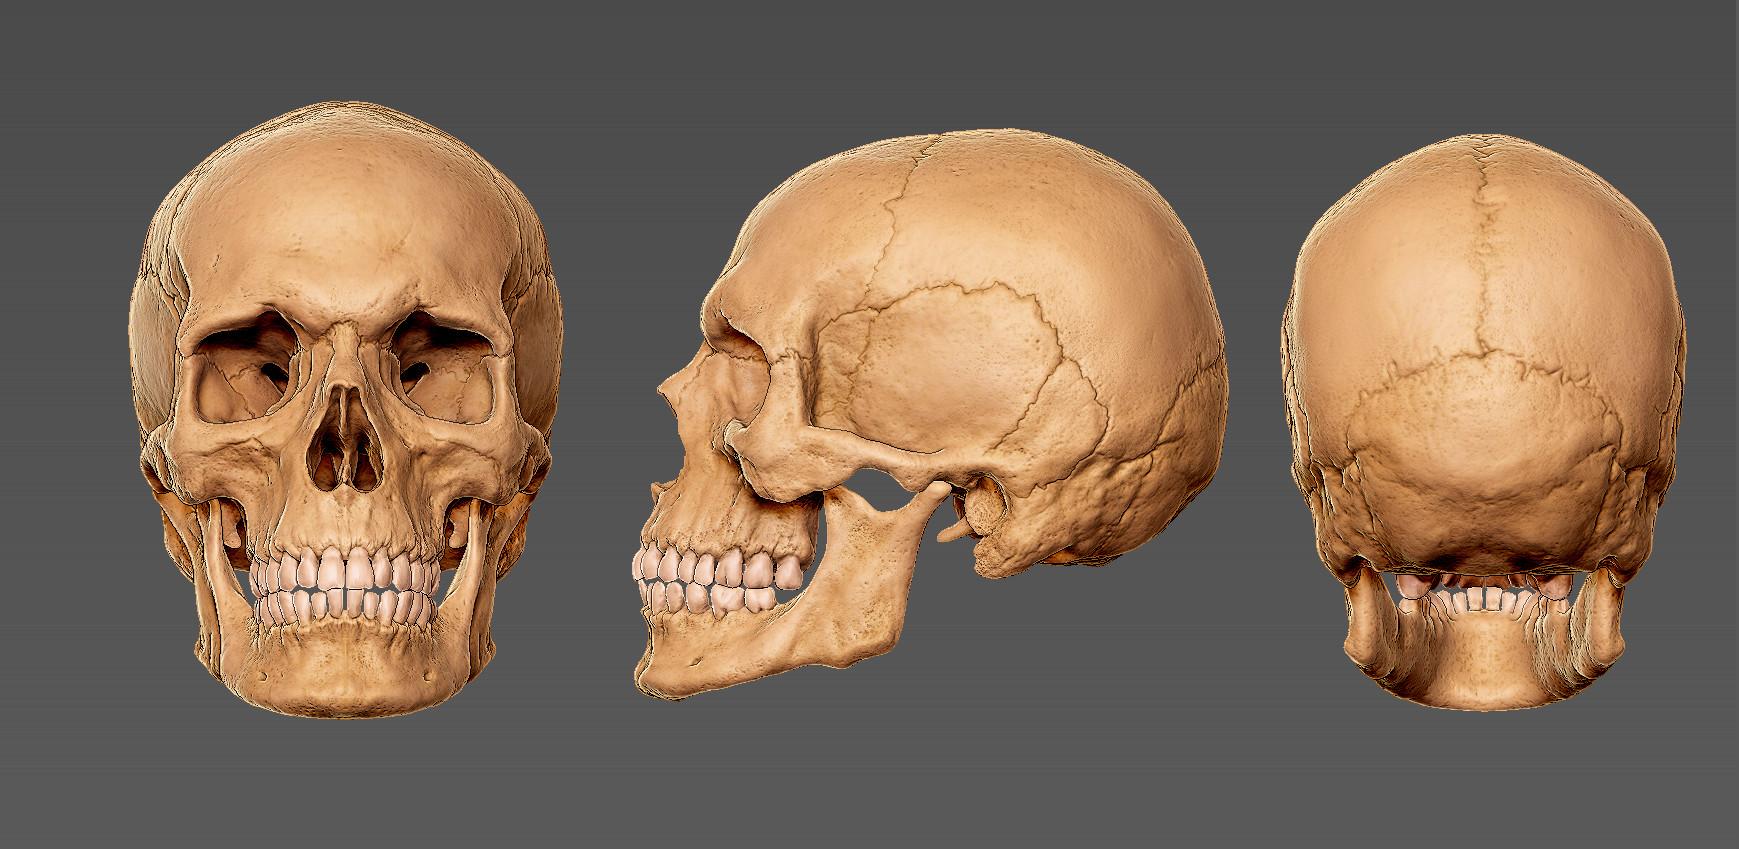 Andrey gritsuk skull 2